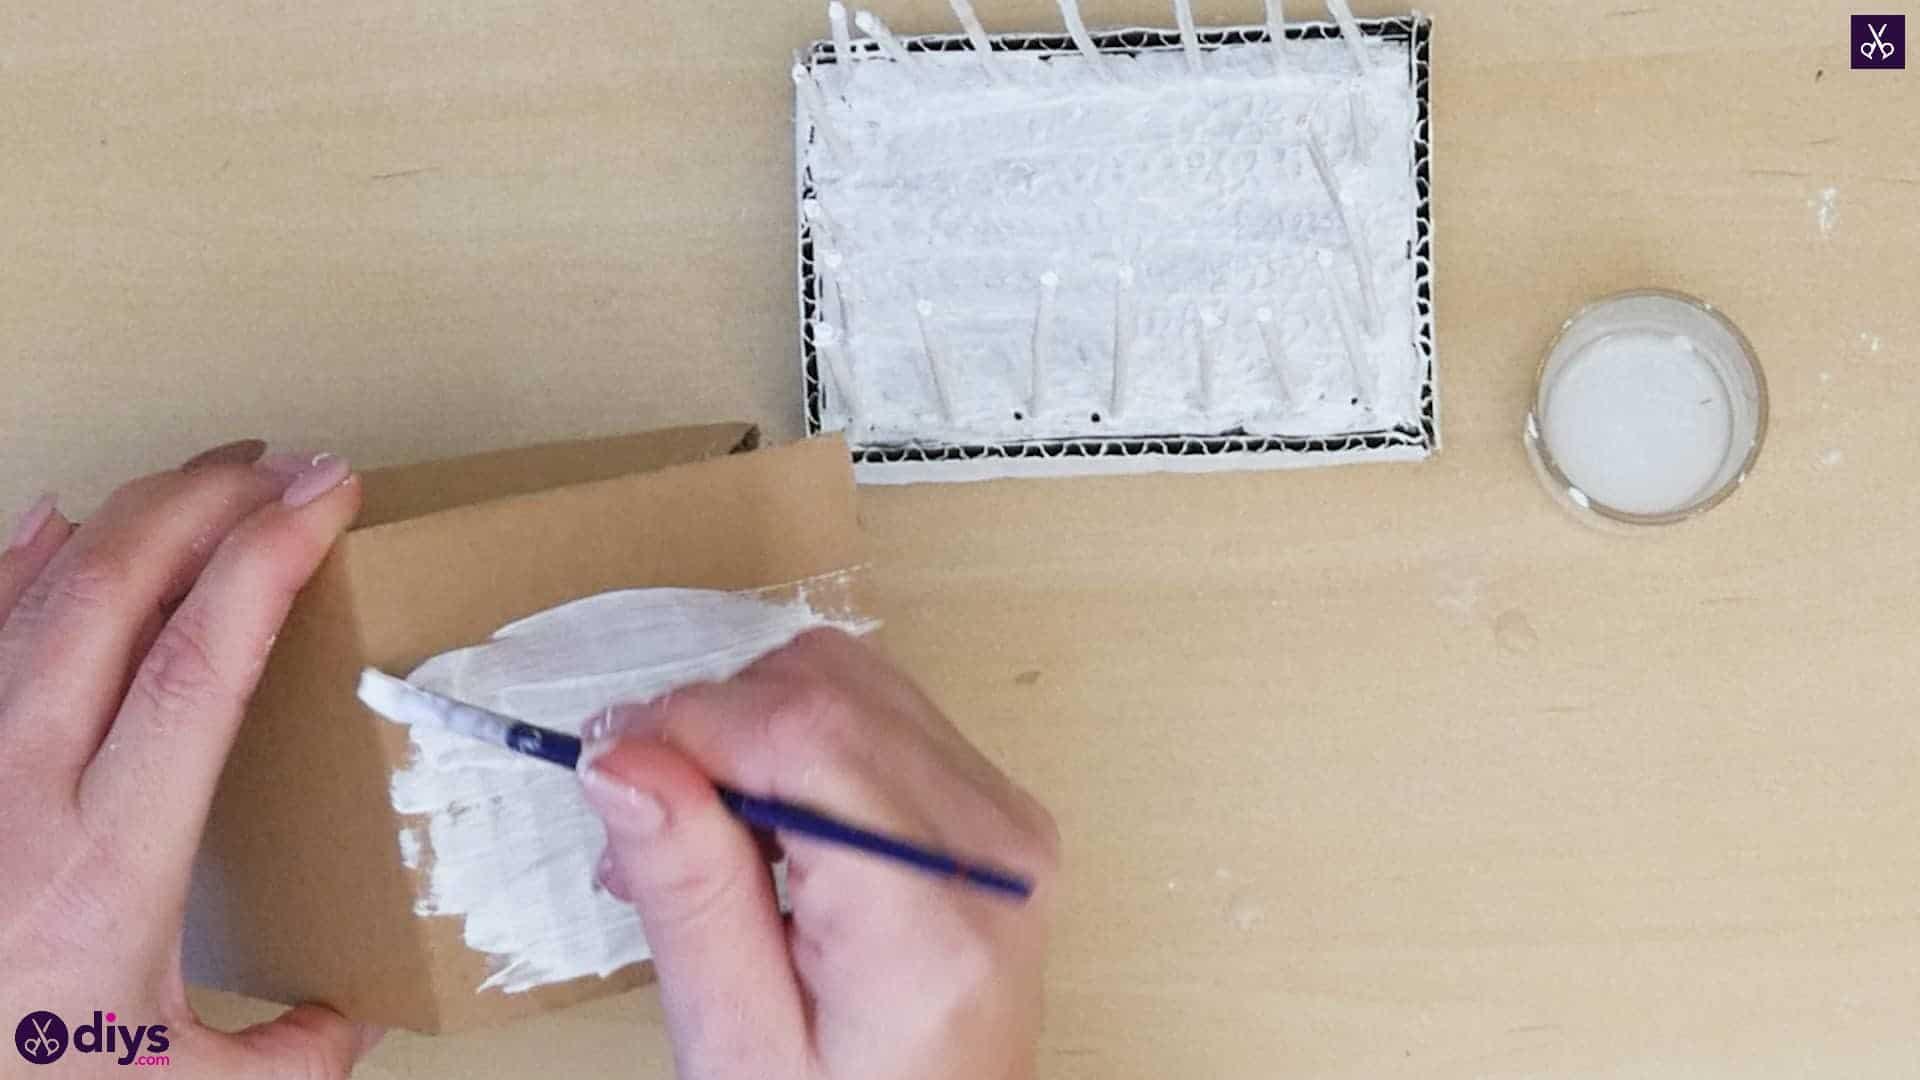 Diy miniature cage centerpiece step 8c